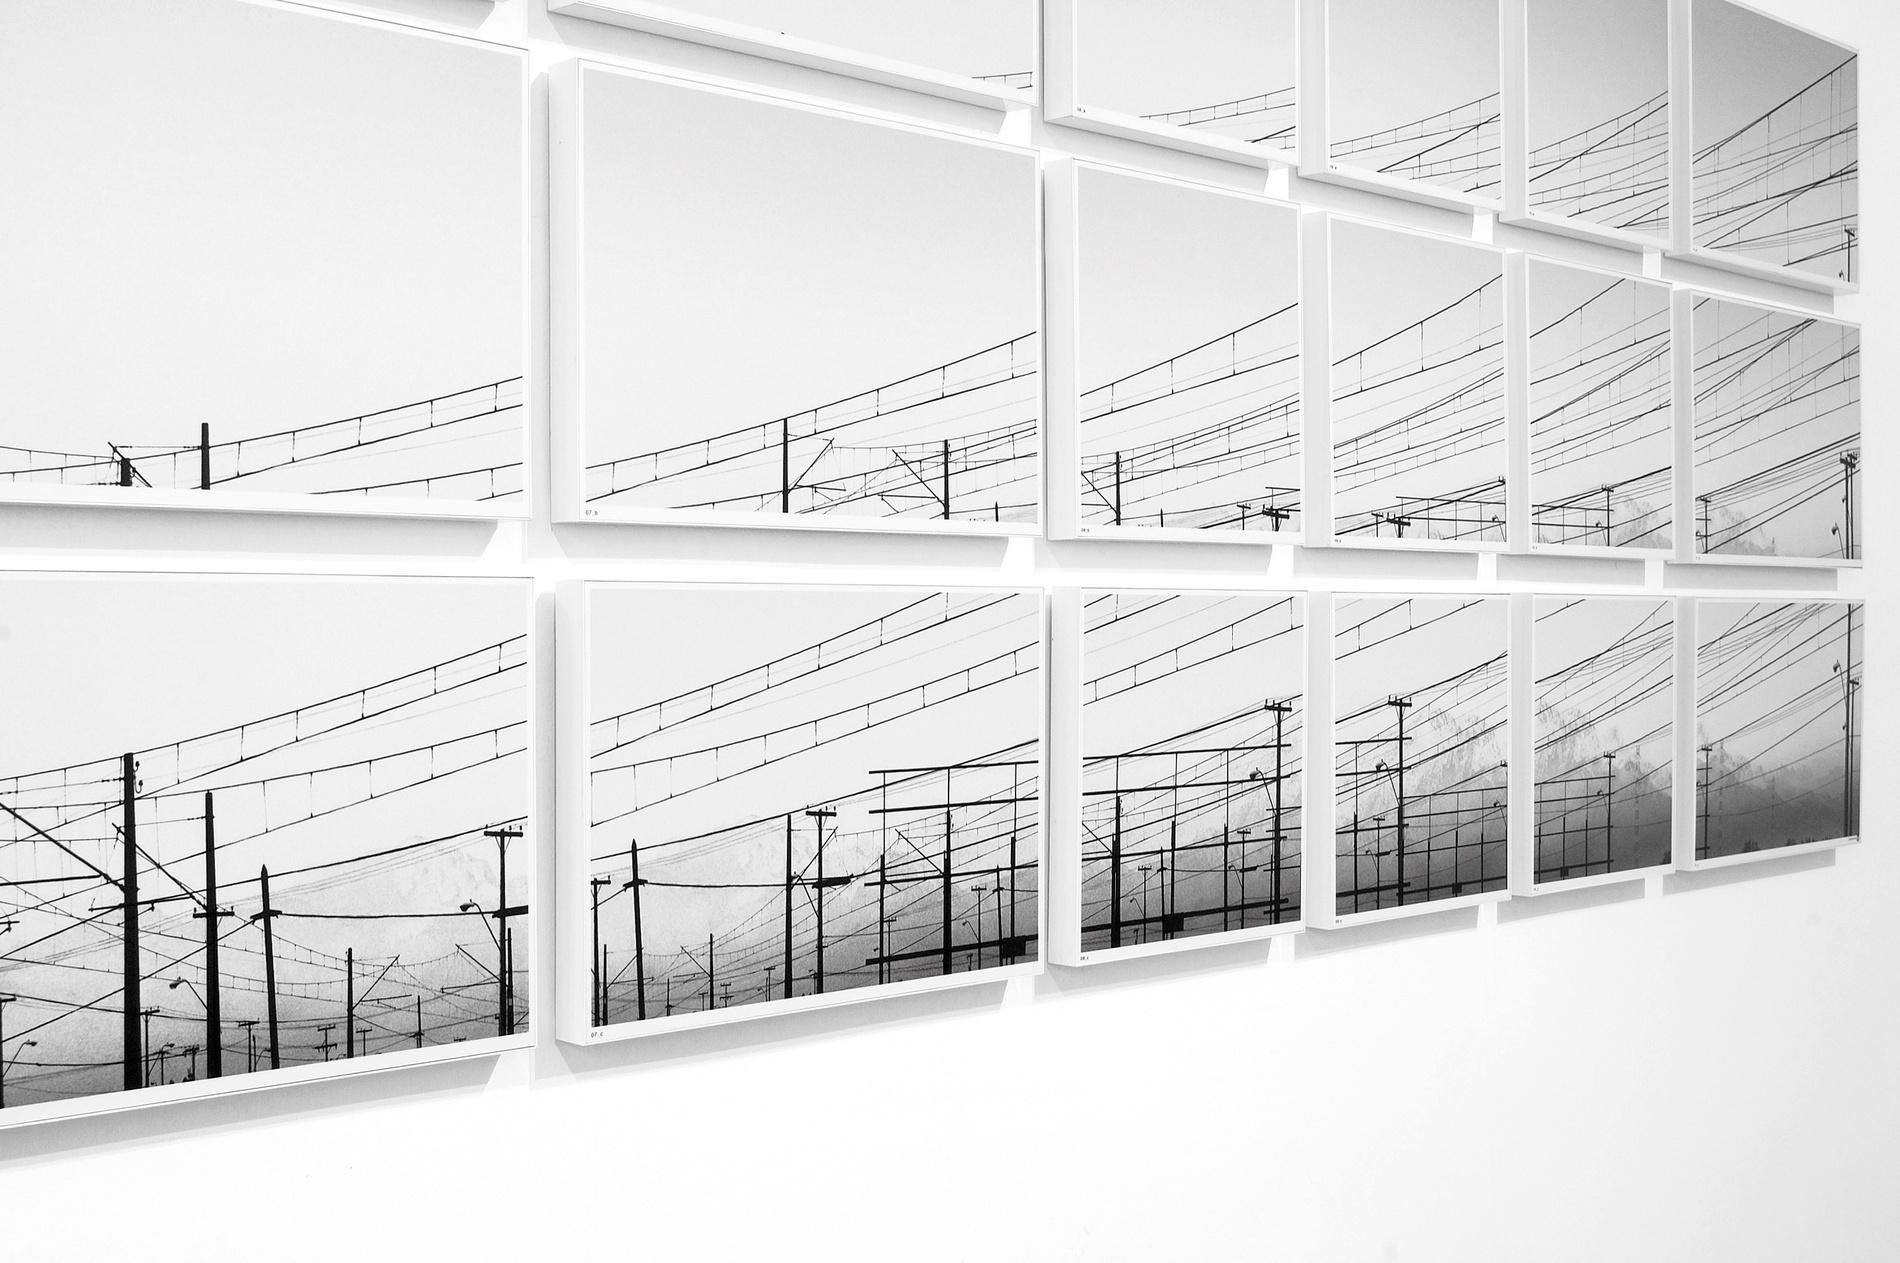 Landscape/Fiction 6. Detail.